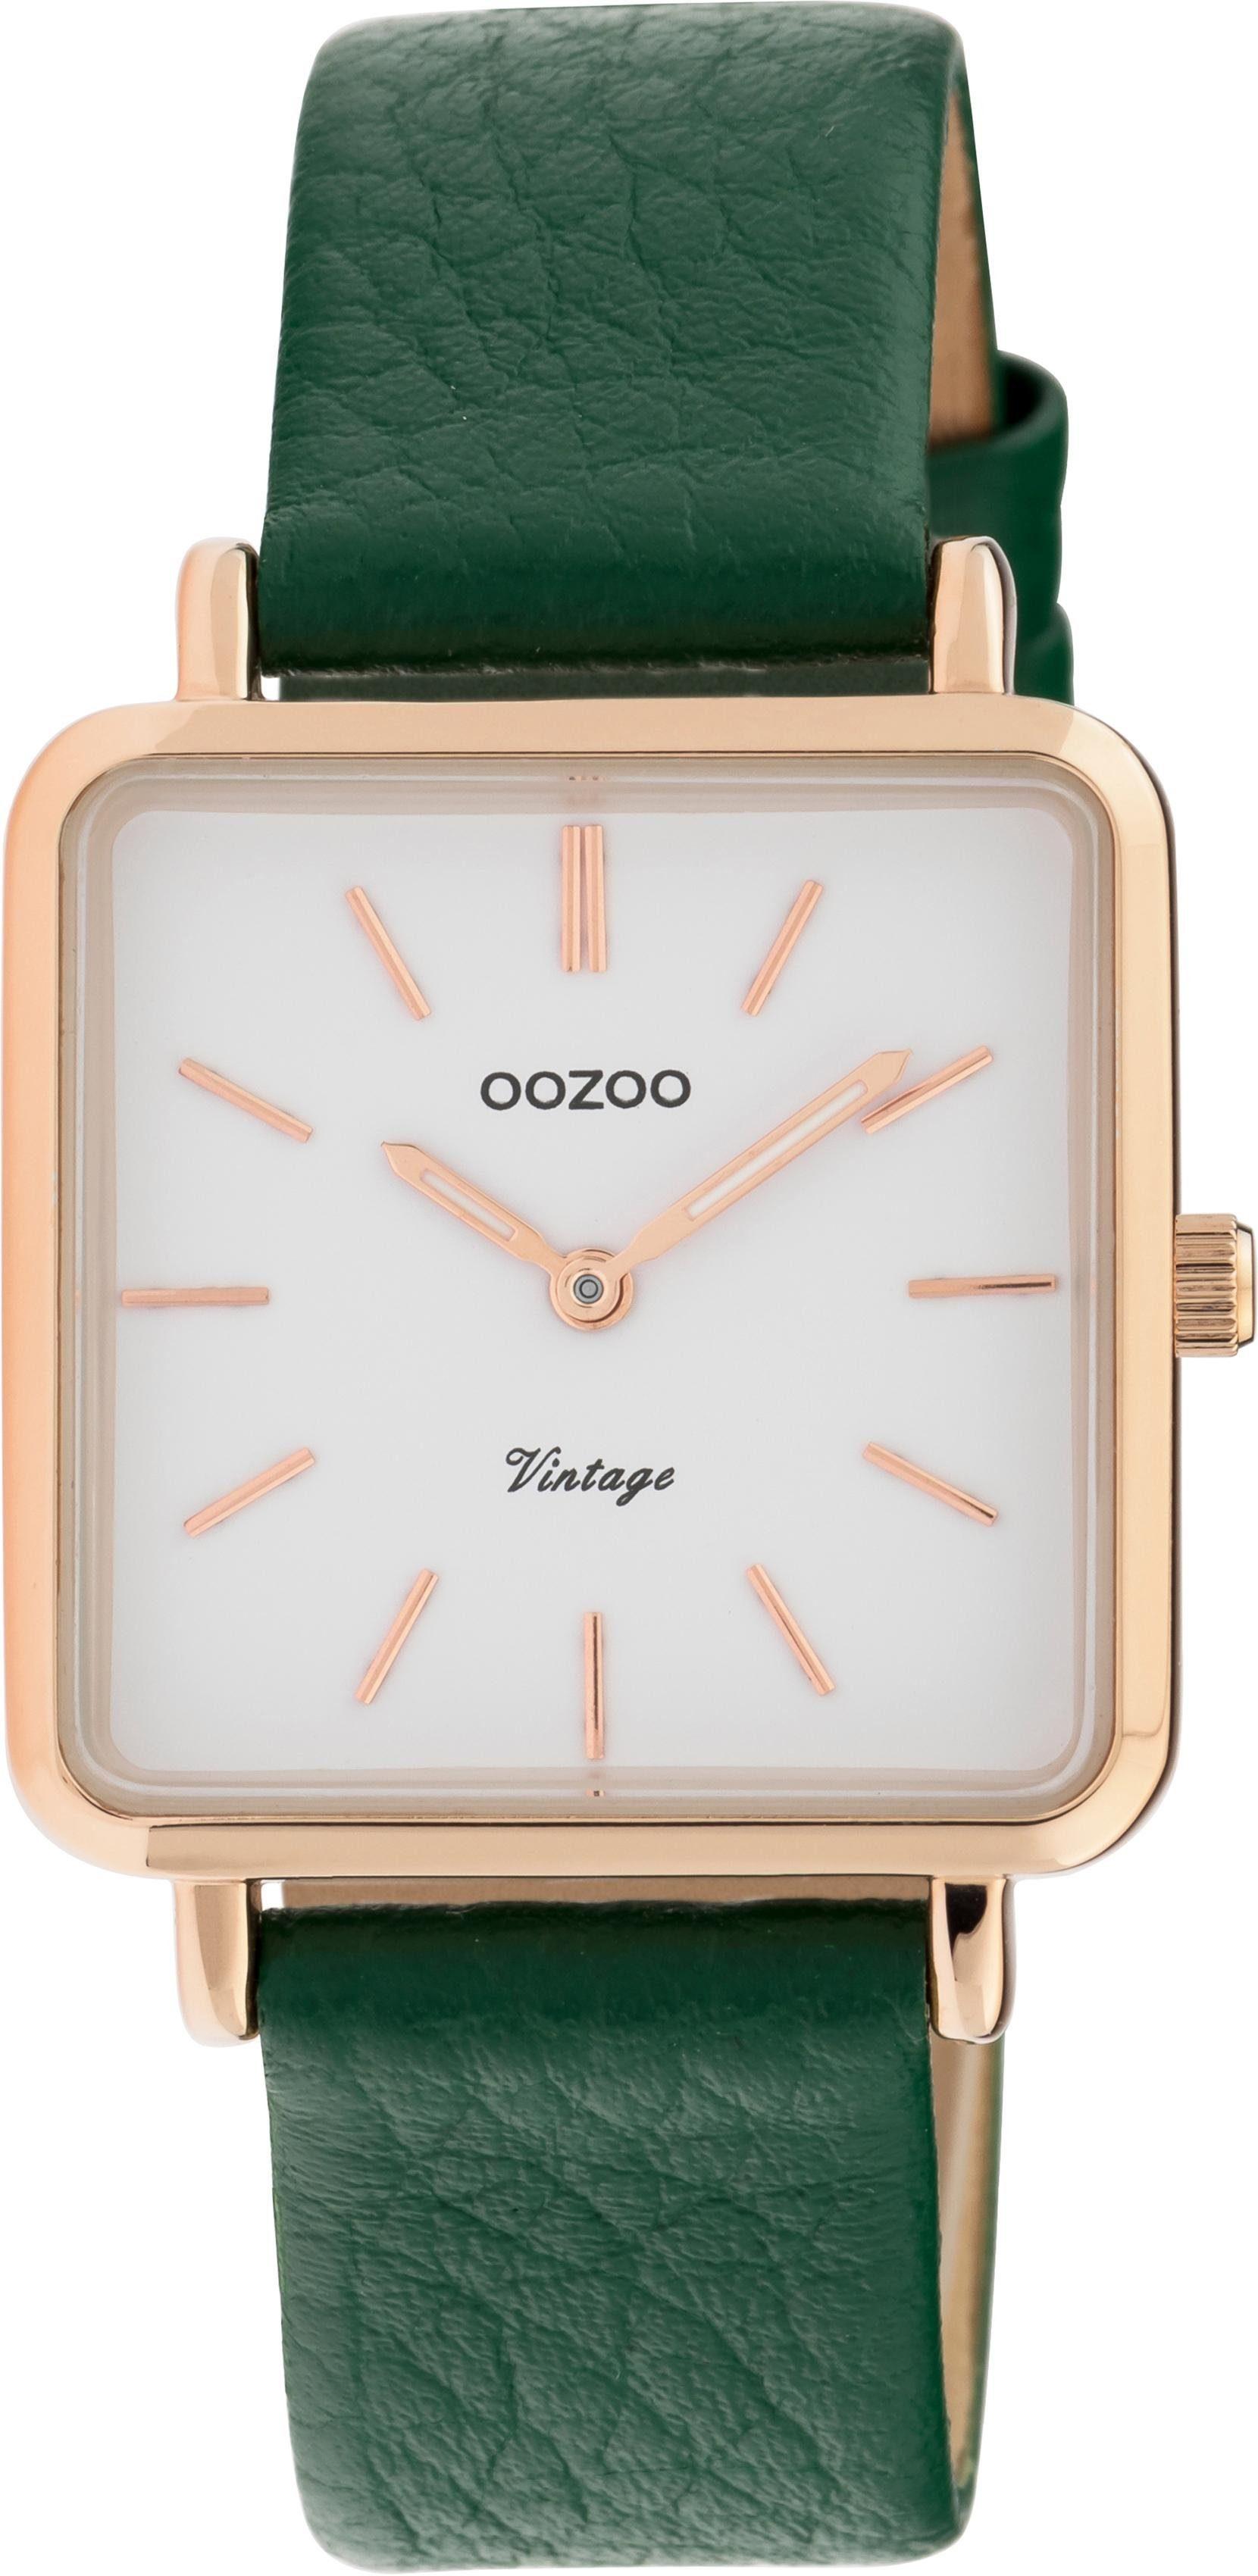 Oozoo Oozoo Online »c9949« Quarzuhr Quarzuhr »c9949« »c9949« Online KaufenOtto KaufenOtto Quarzuhr Oozoo Online ZuXOiTkP